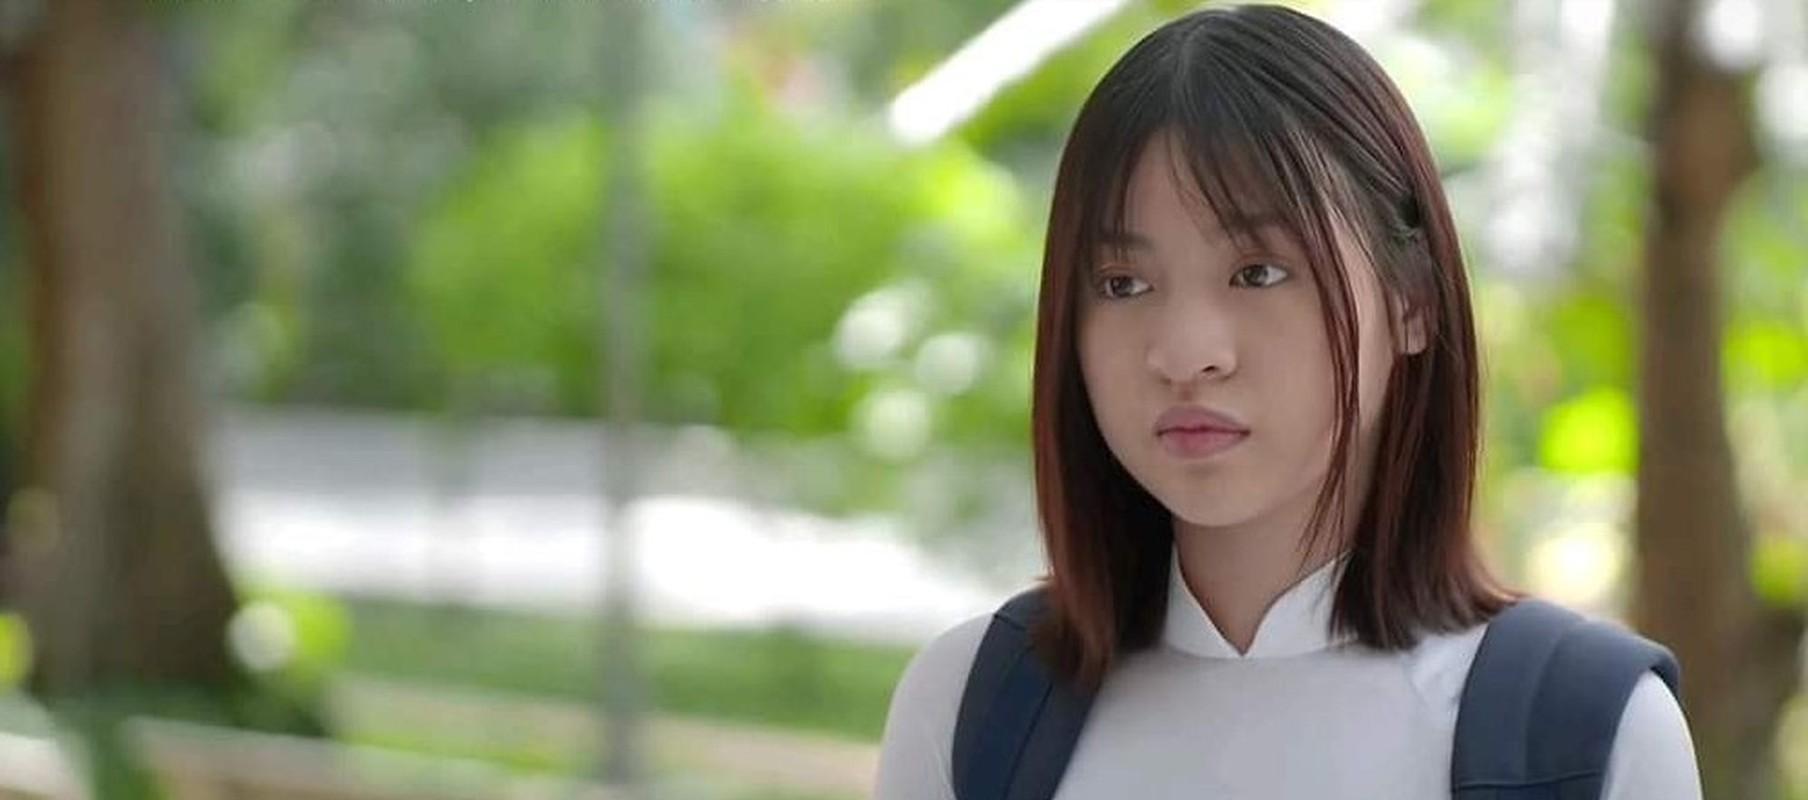 """Khoe anh xinh dep, hot girl """"bap can bo"""" bi boc mat moc-Hinh-9"""